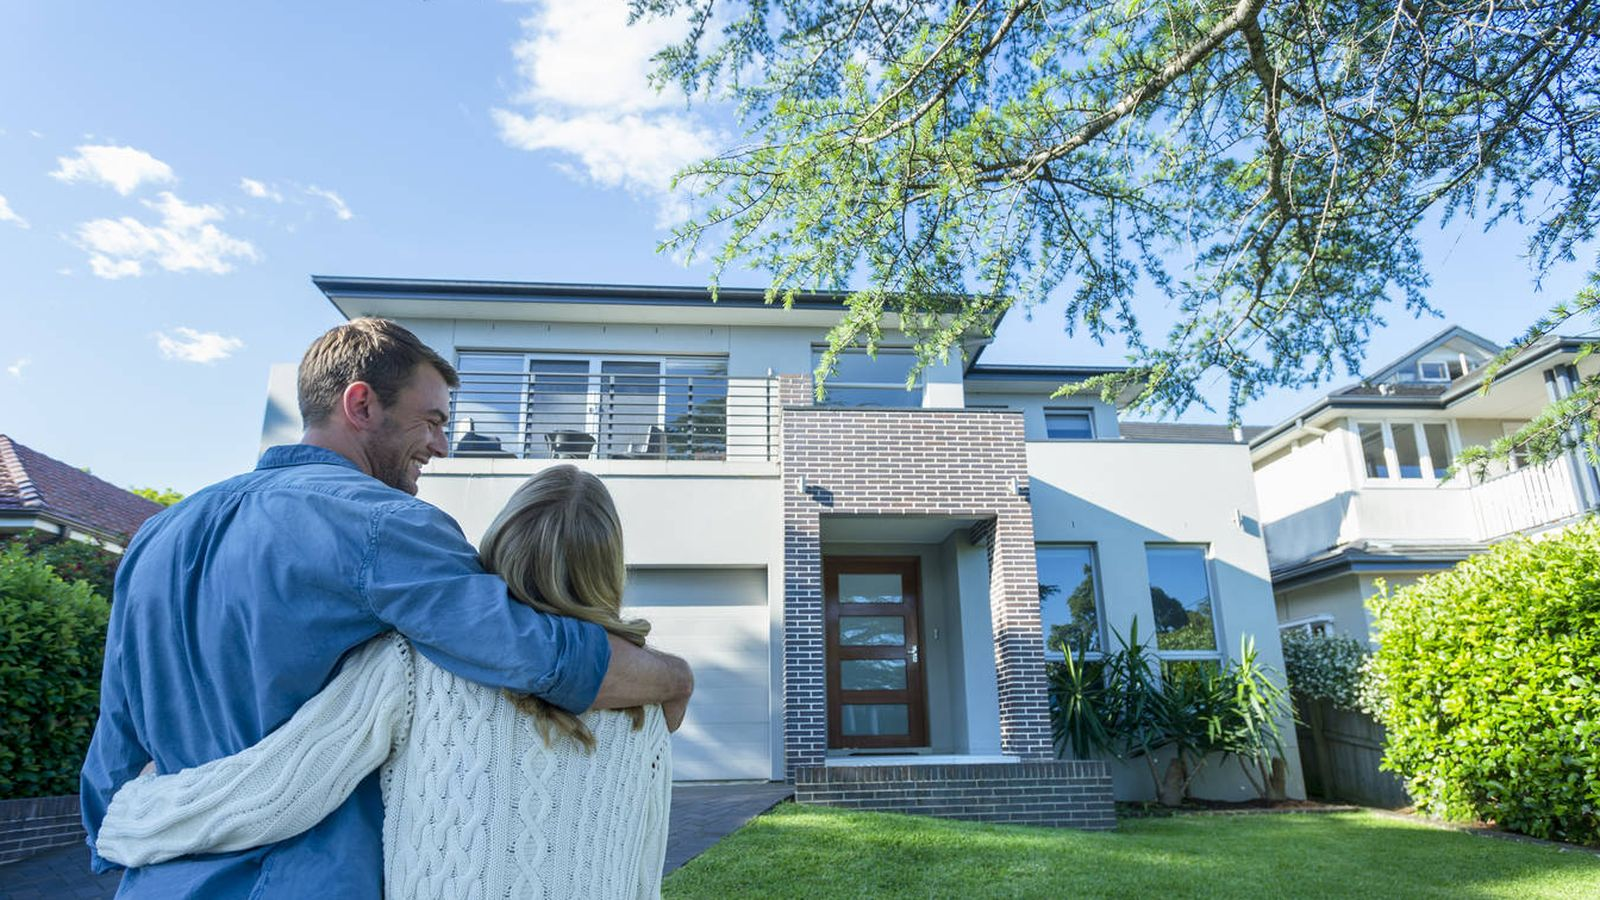 Sociedad: Es un suicidio financiero: por qué no deberías comprar una casa,  según Altucher